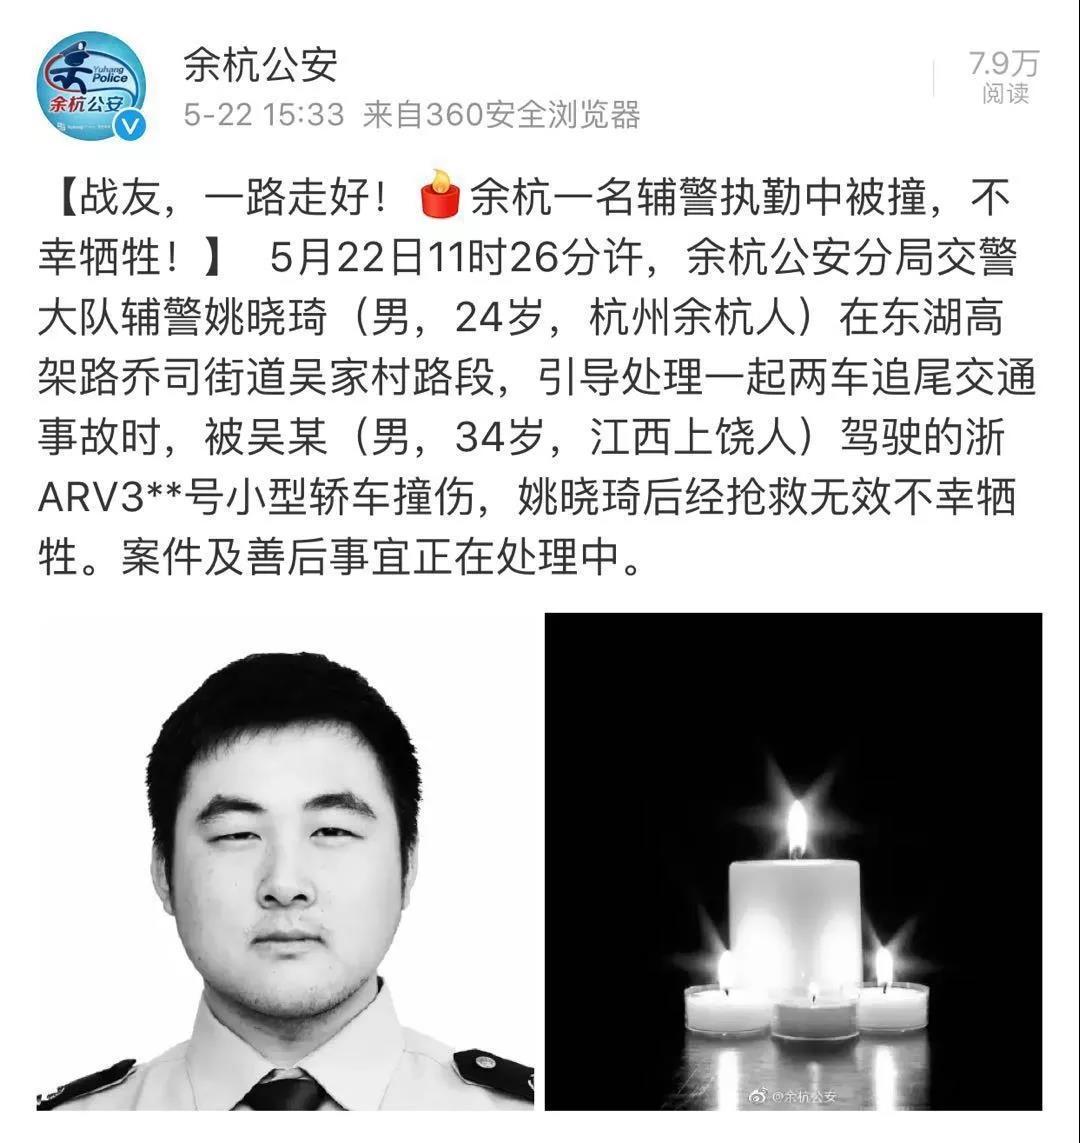 24岁辅警被撞牺牲,事故原因公布!肇事司机这个举动惹众怒...